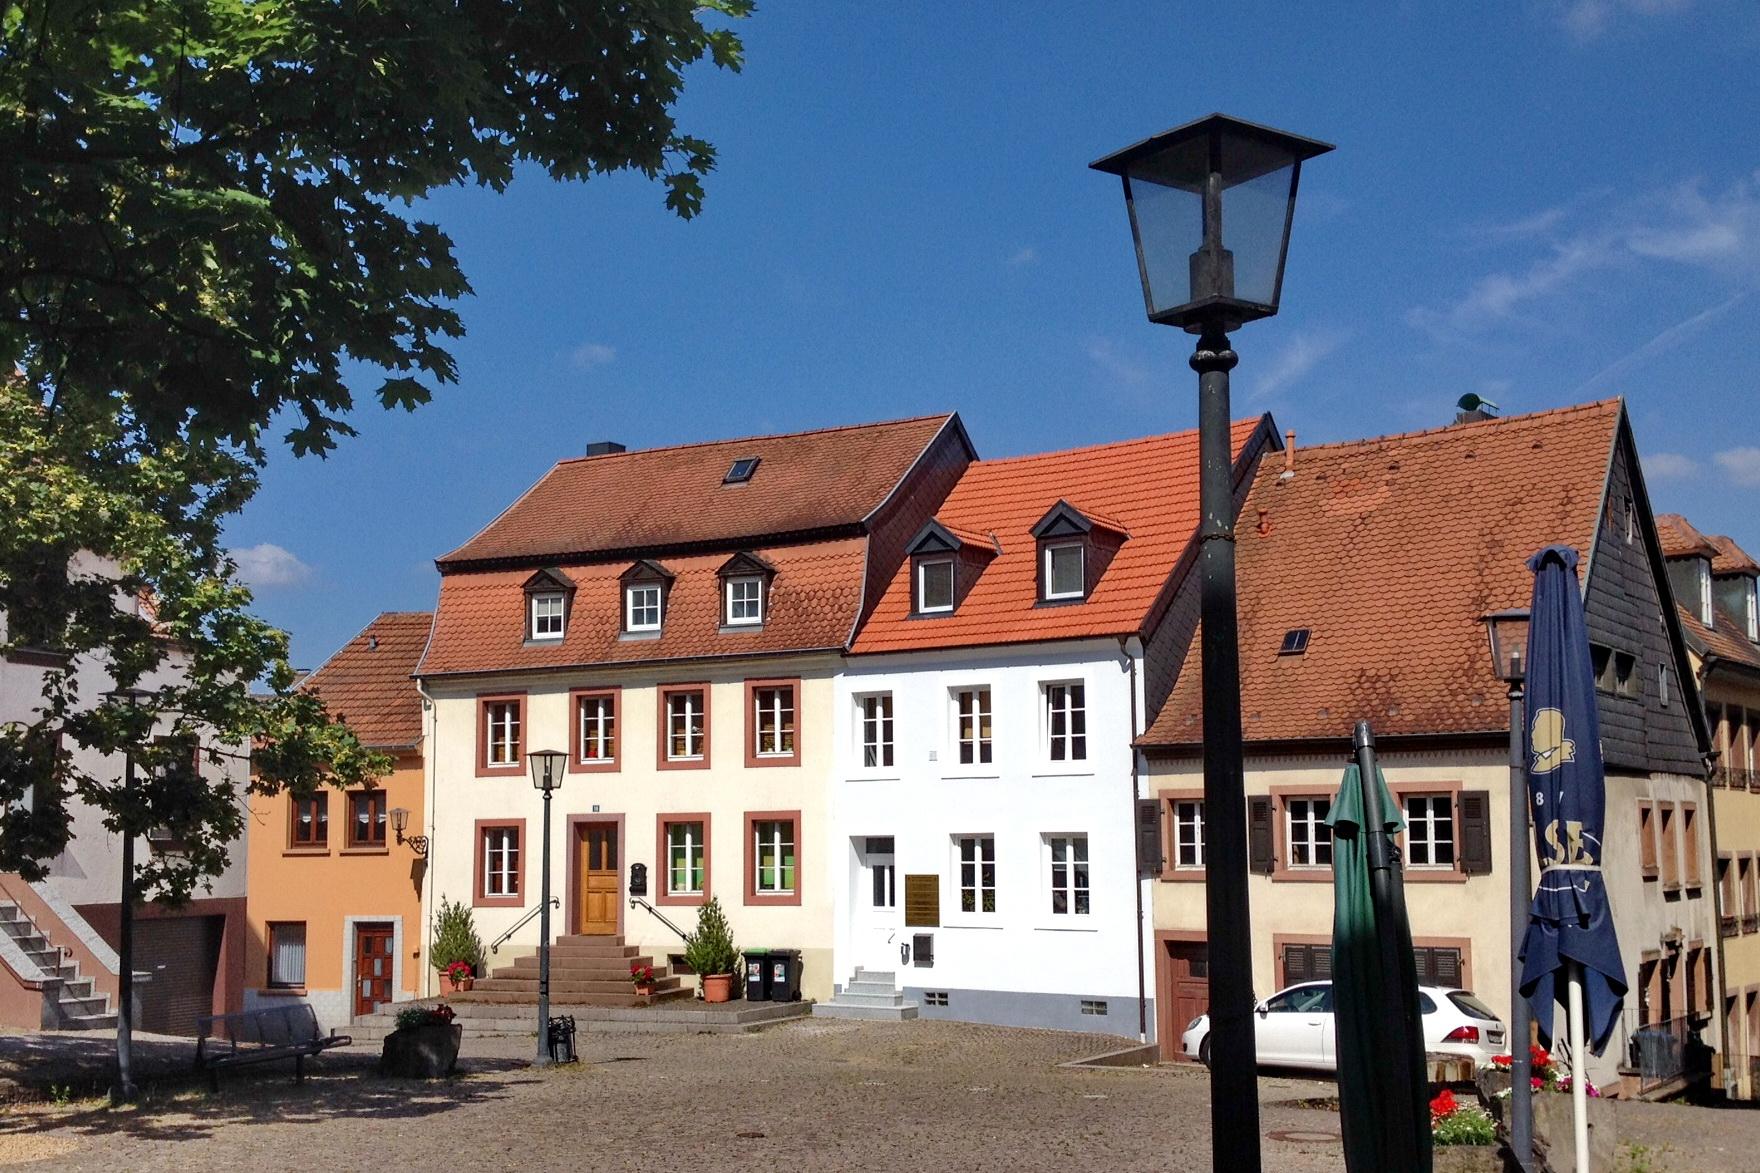 St Ingbert Innenstadt